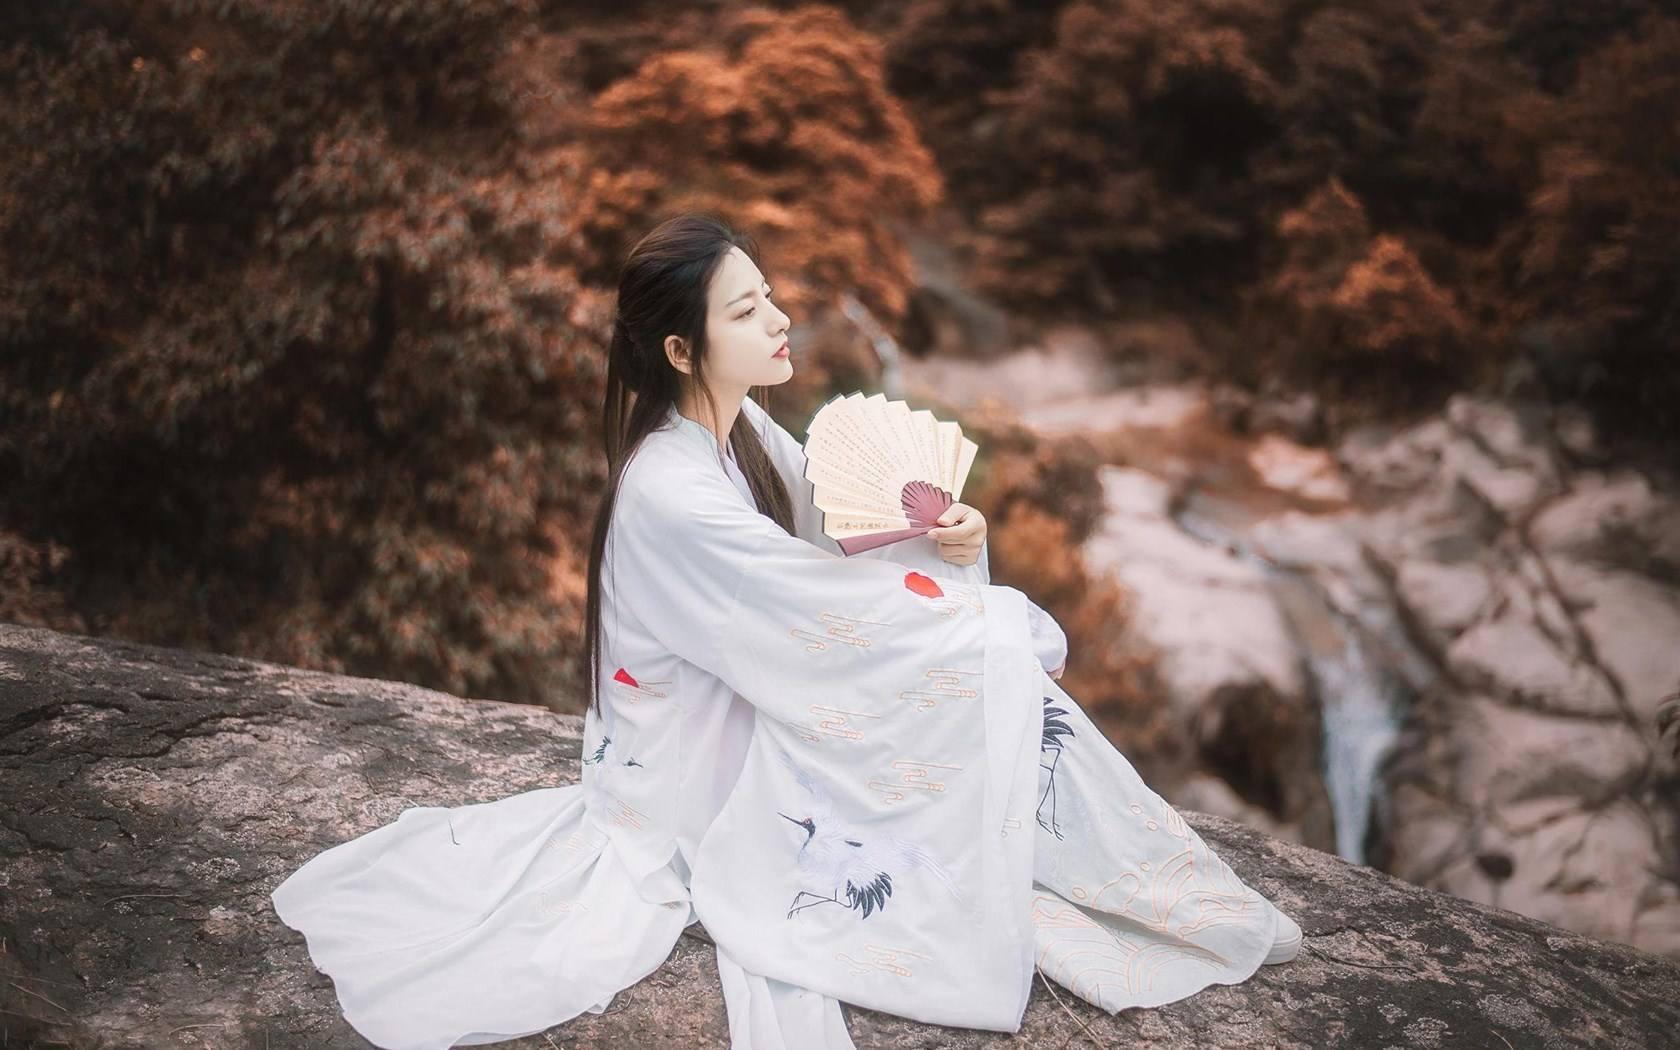 忆吻小说全文免费在线阅读 忆吻免费小说全文阅读